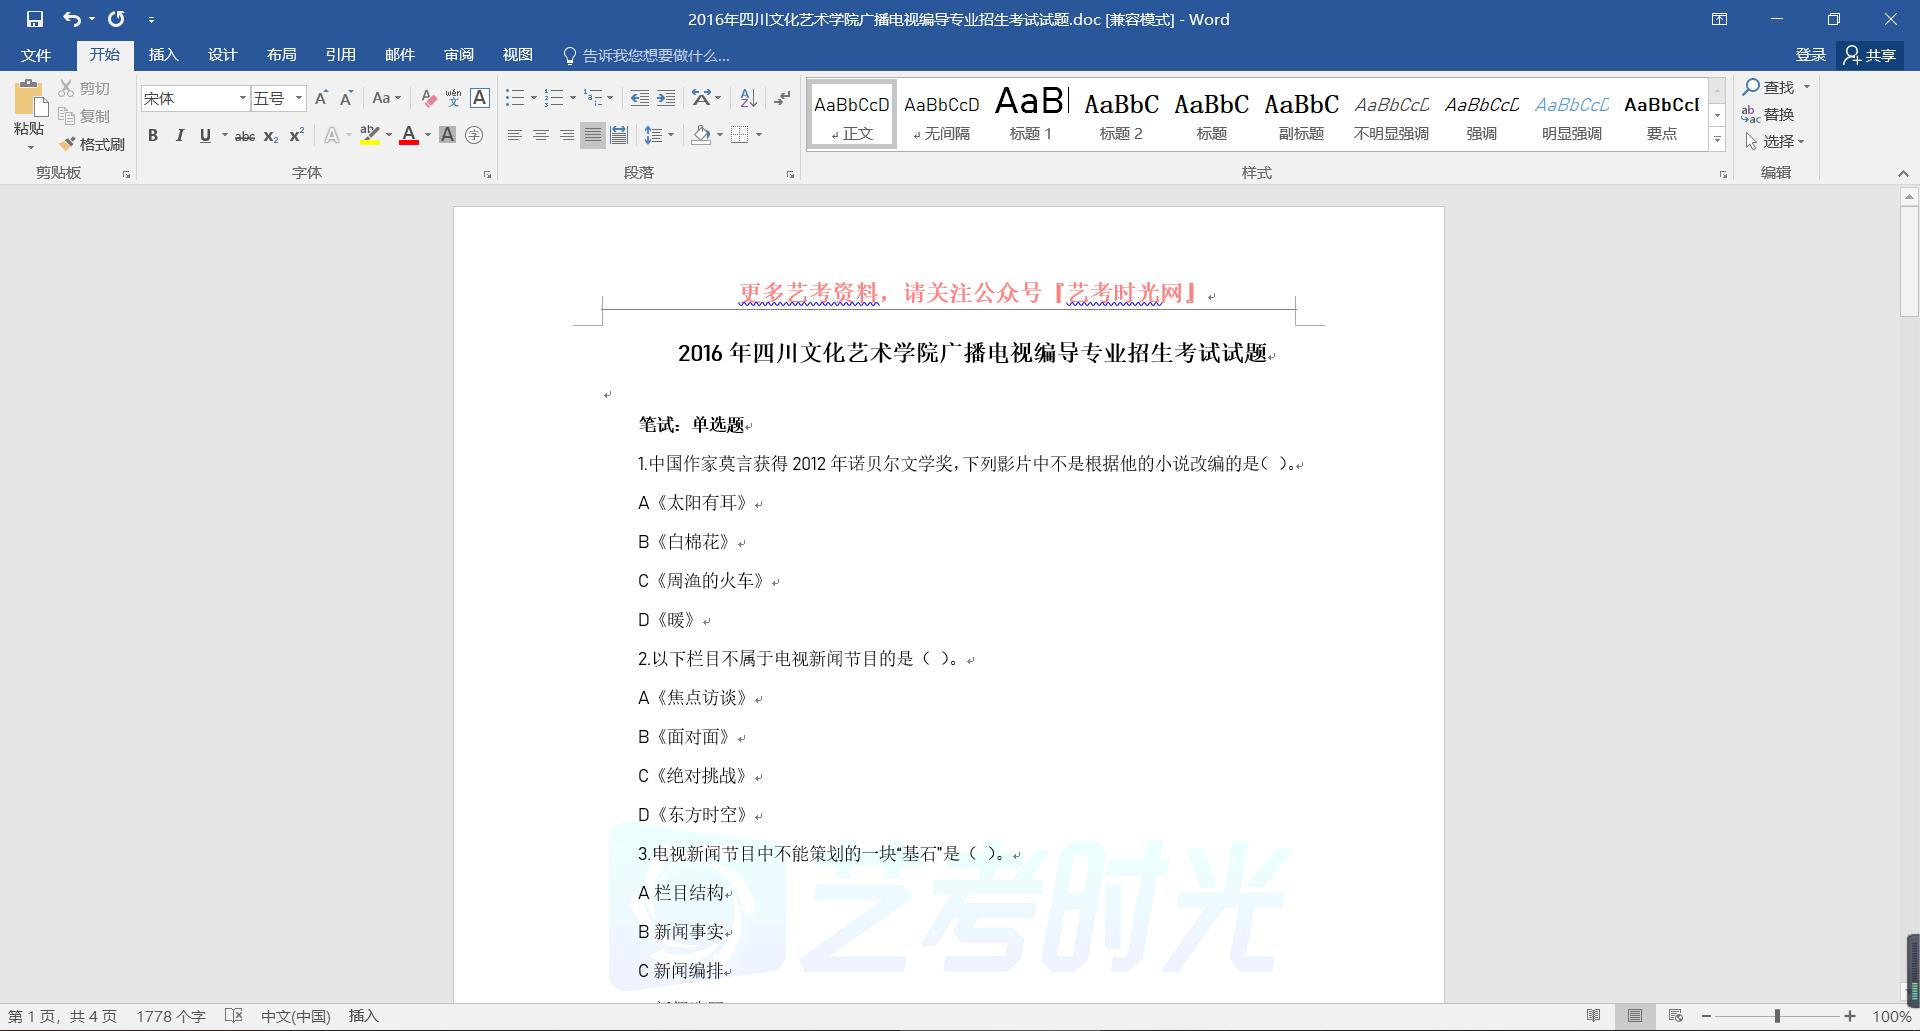 2016年四川文化艺术学院广播电视编导招生考试真题(含答案)